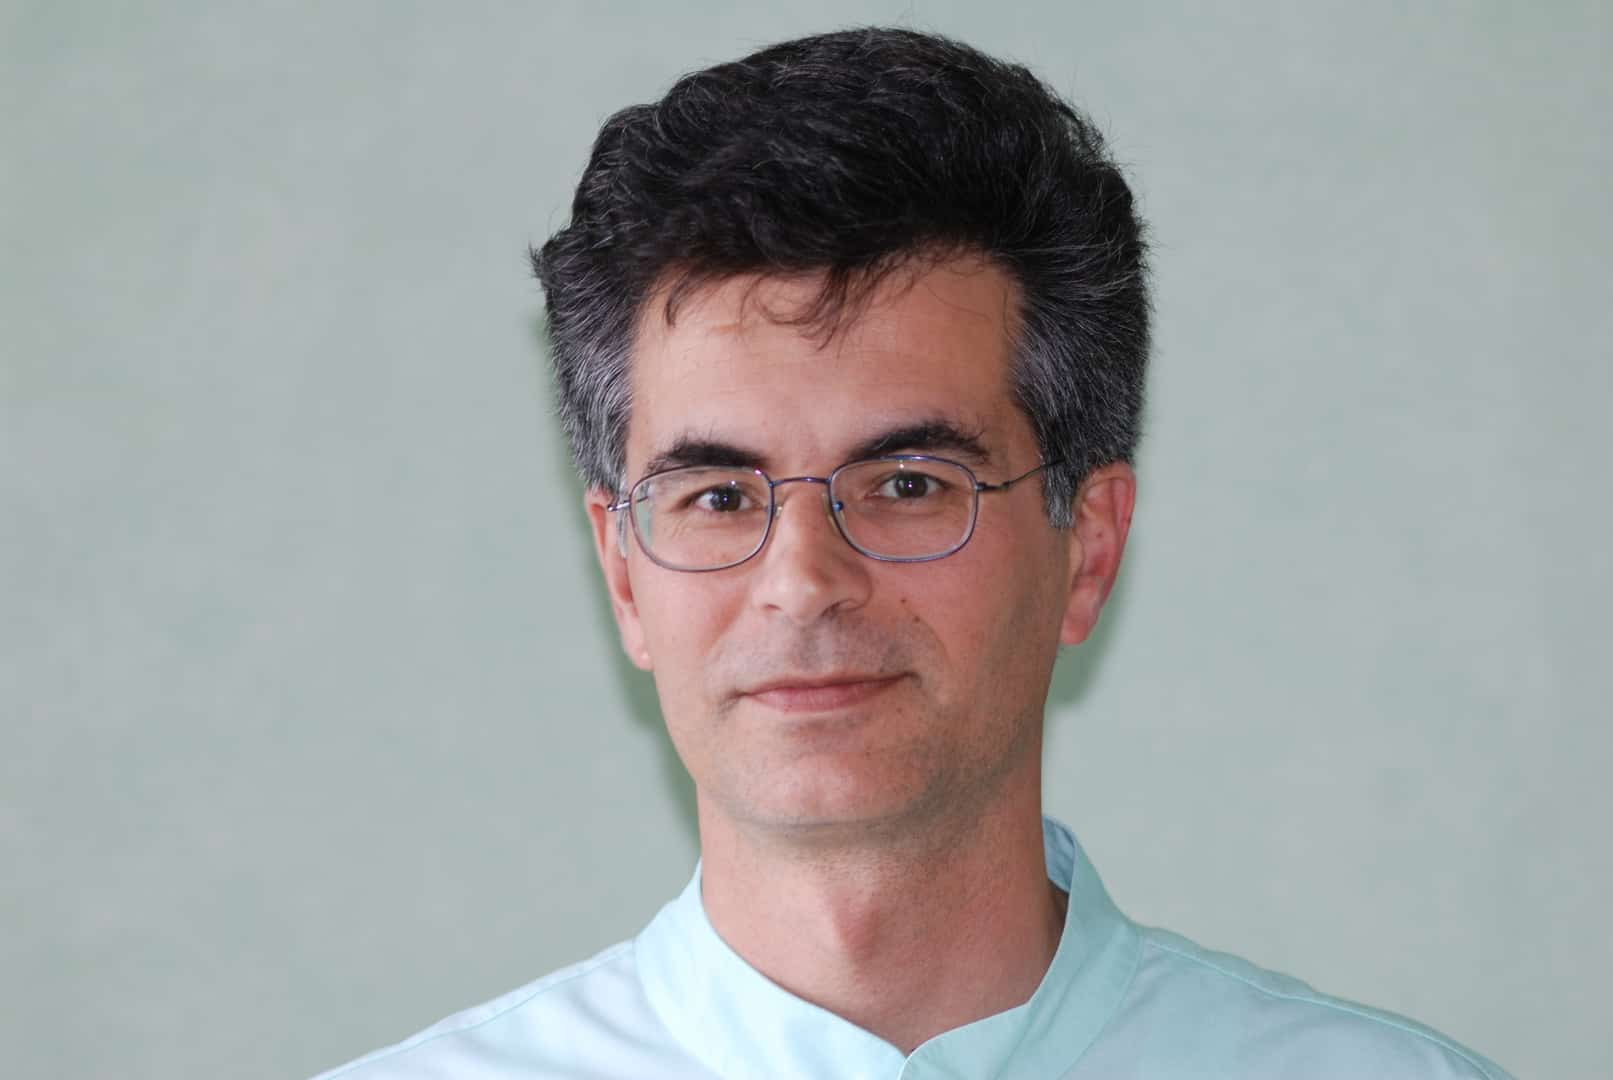 Κωνσταντίνος Λιανός Επανορθωτική Οδοντιατρική Αισθητική Αποκατάσταση